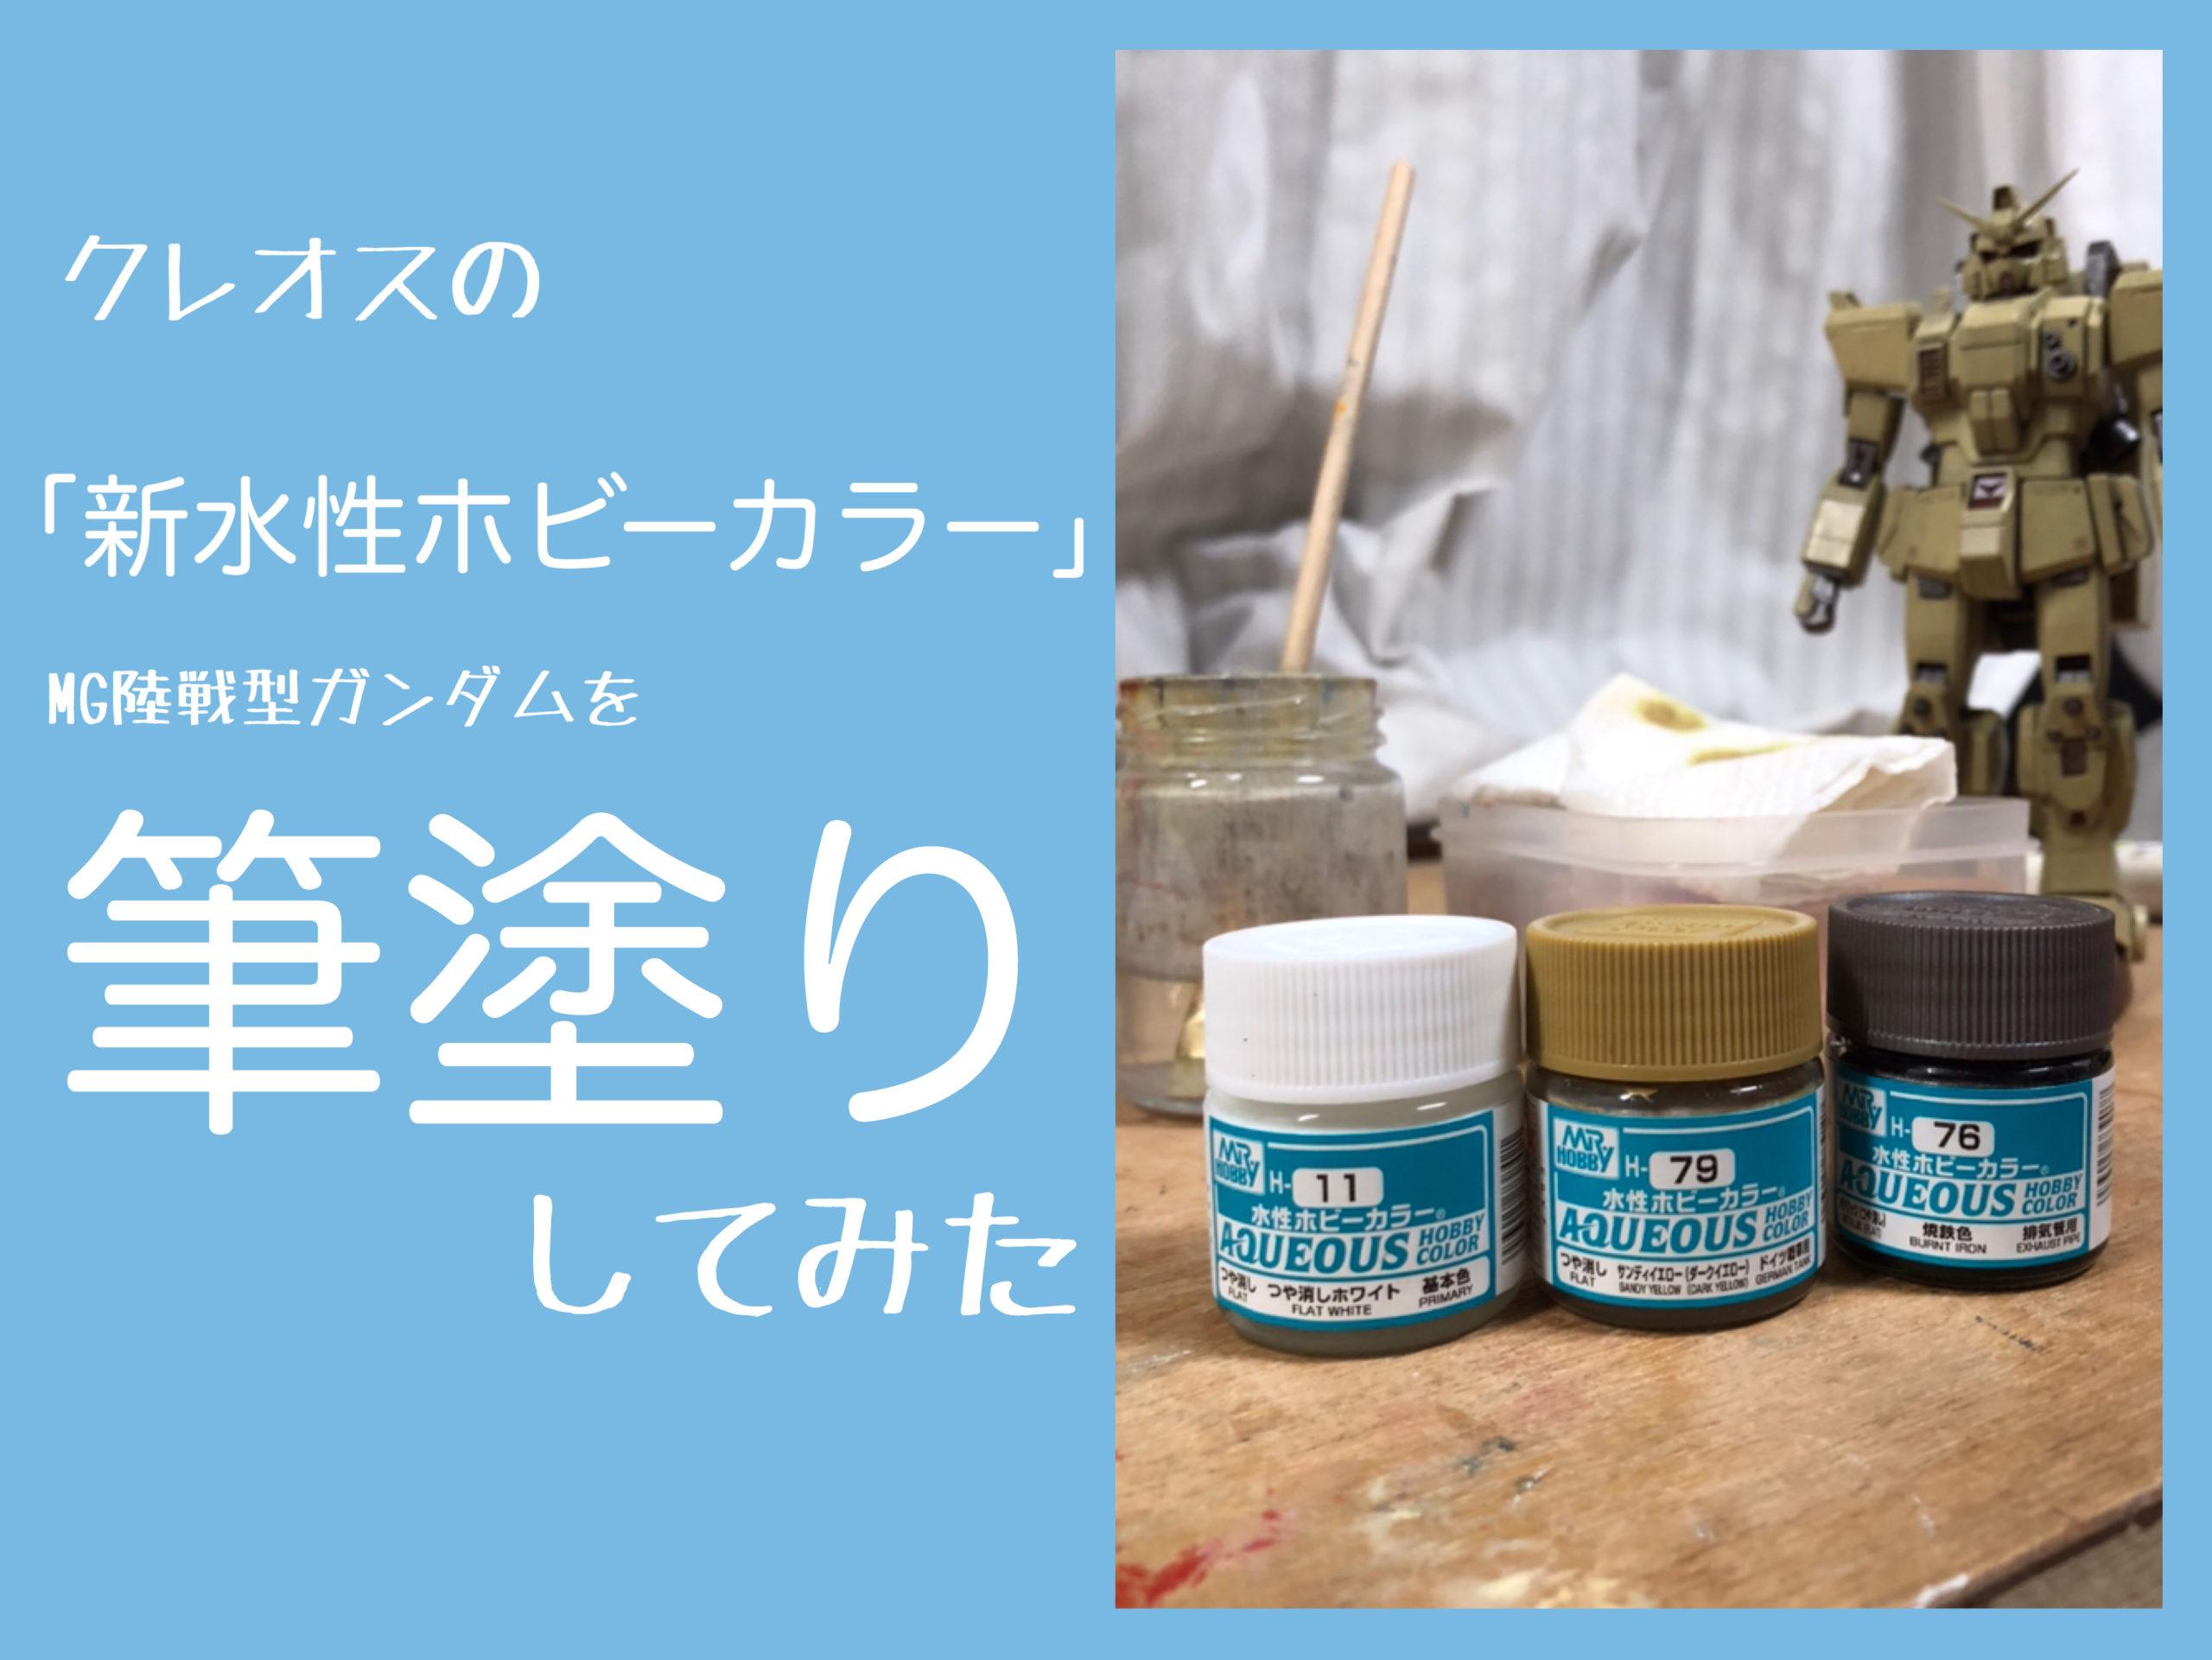 カラー ホビー 新 水性 【新水性ホビーカラーの使い方】希釈・洗浄・スミ入れなどなど